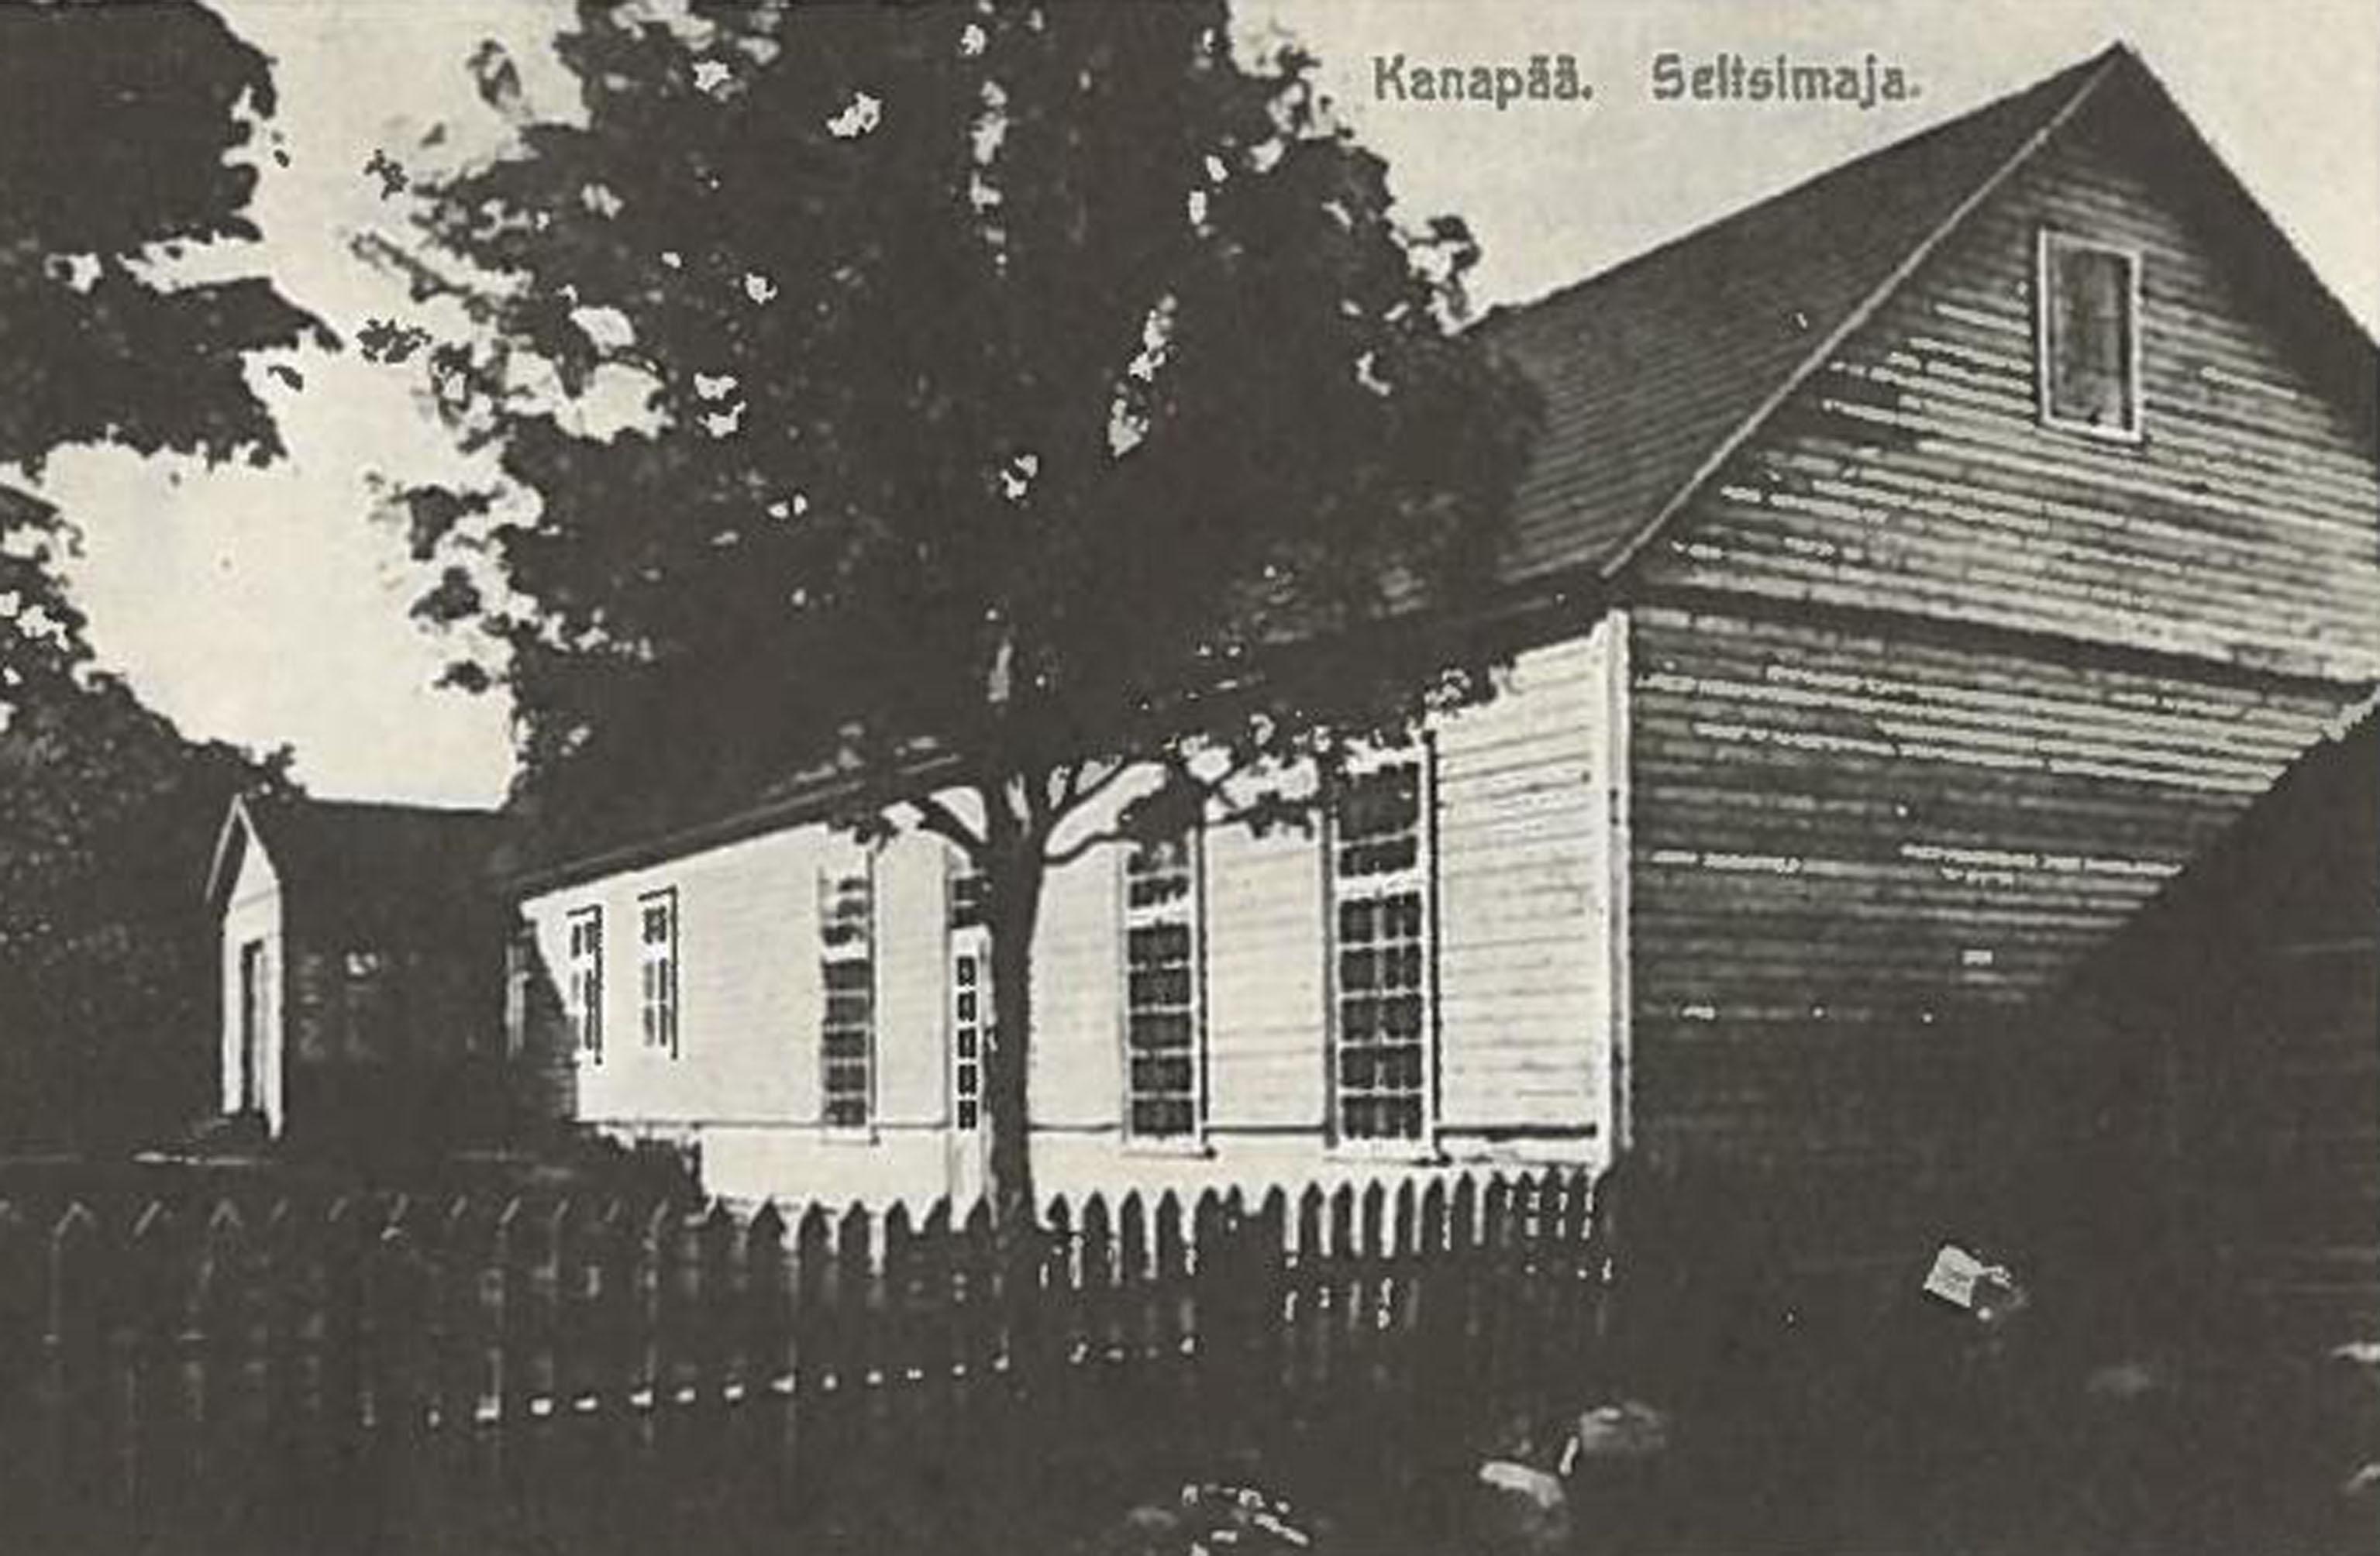 Eesti esimene seltsimaja Kanepis, ehitatud Kanepi Muusikaseltsi poolt 1887. Foto: E. Karu erakogu, kasutatud omaniku loal